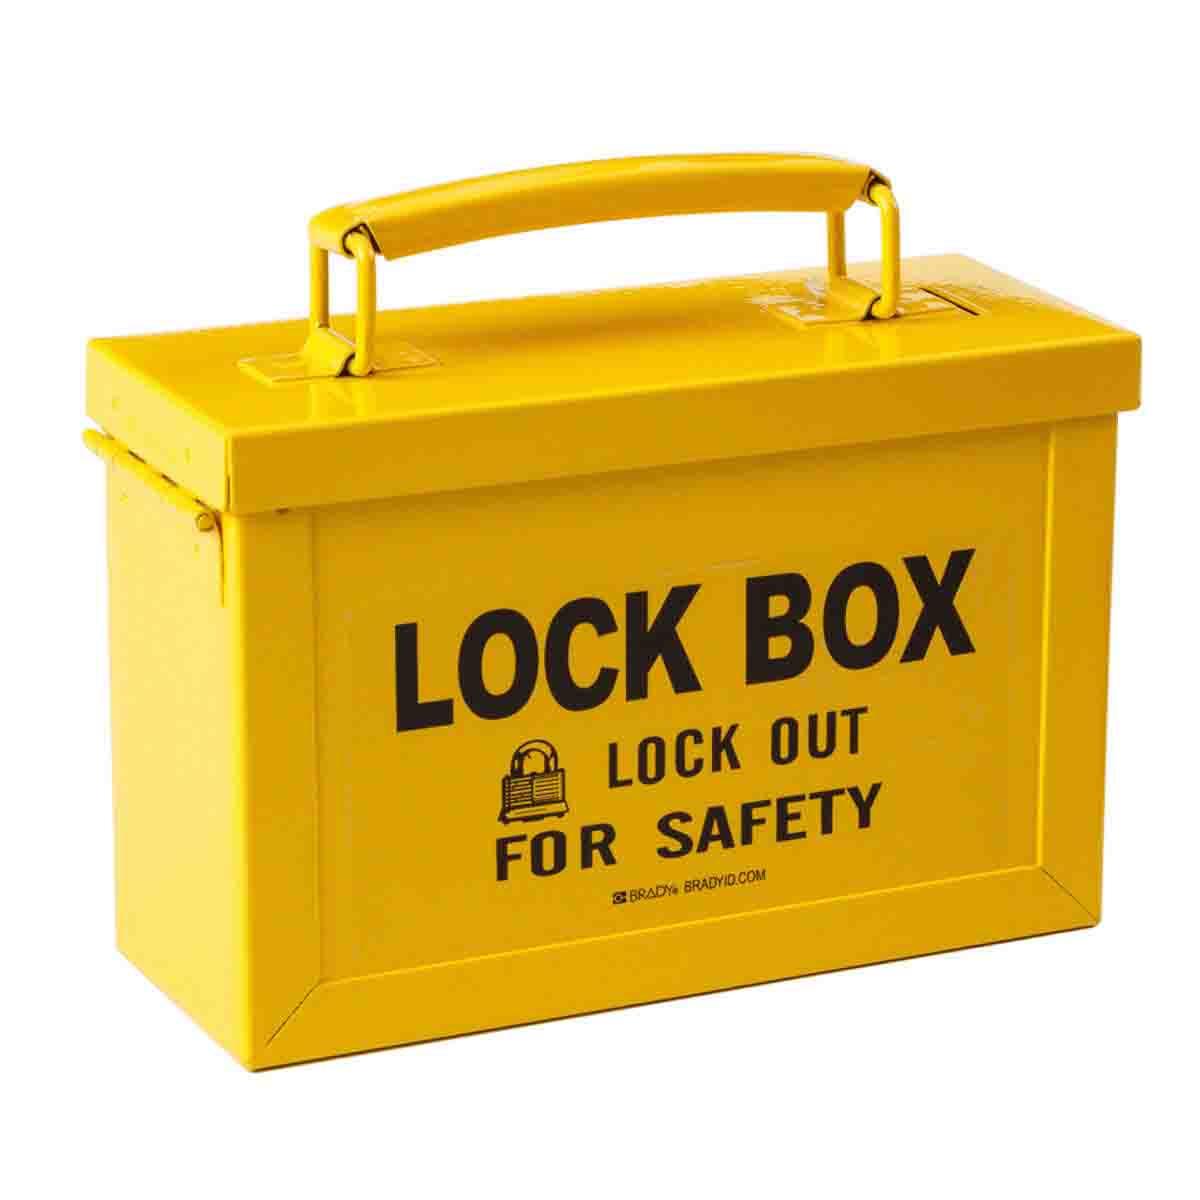 Brady® 65672 Empty Heavy Duty Portable Lockout Box, 1 Padlocks, Hinged Door, Black on Yellow, 5.9 in H x 3-1/2 in W x 9.1 in D, 12 Key Hooks